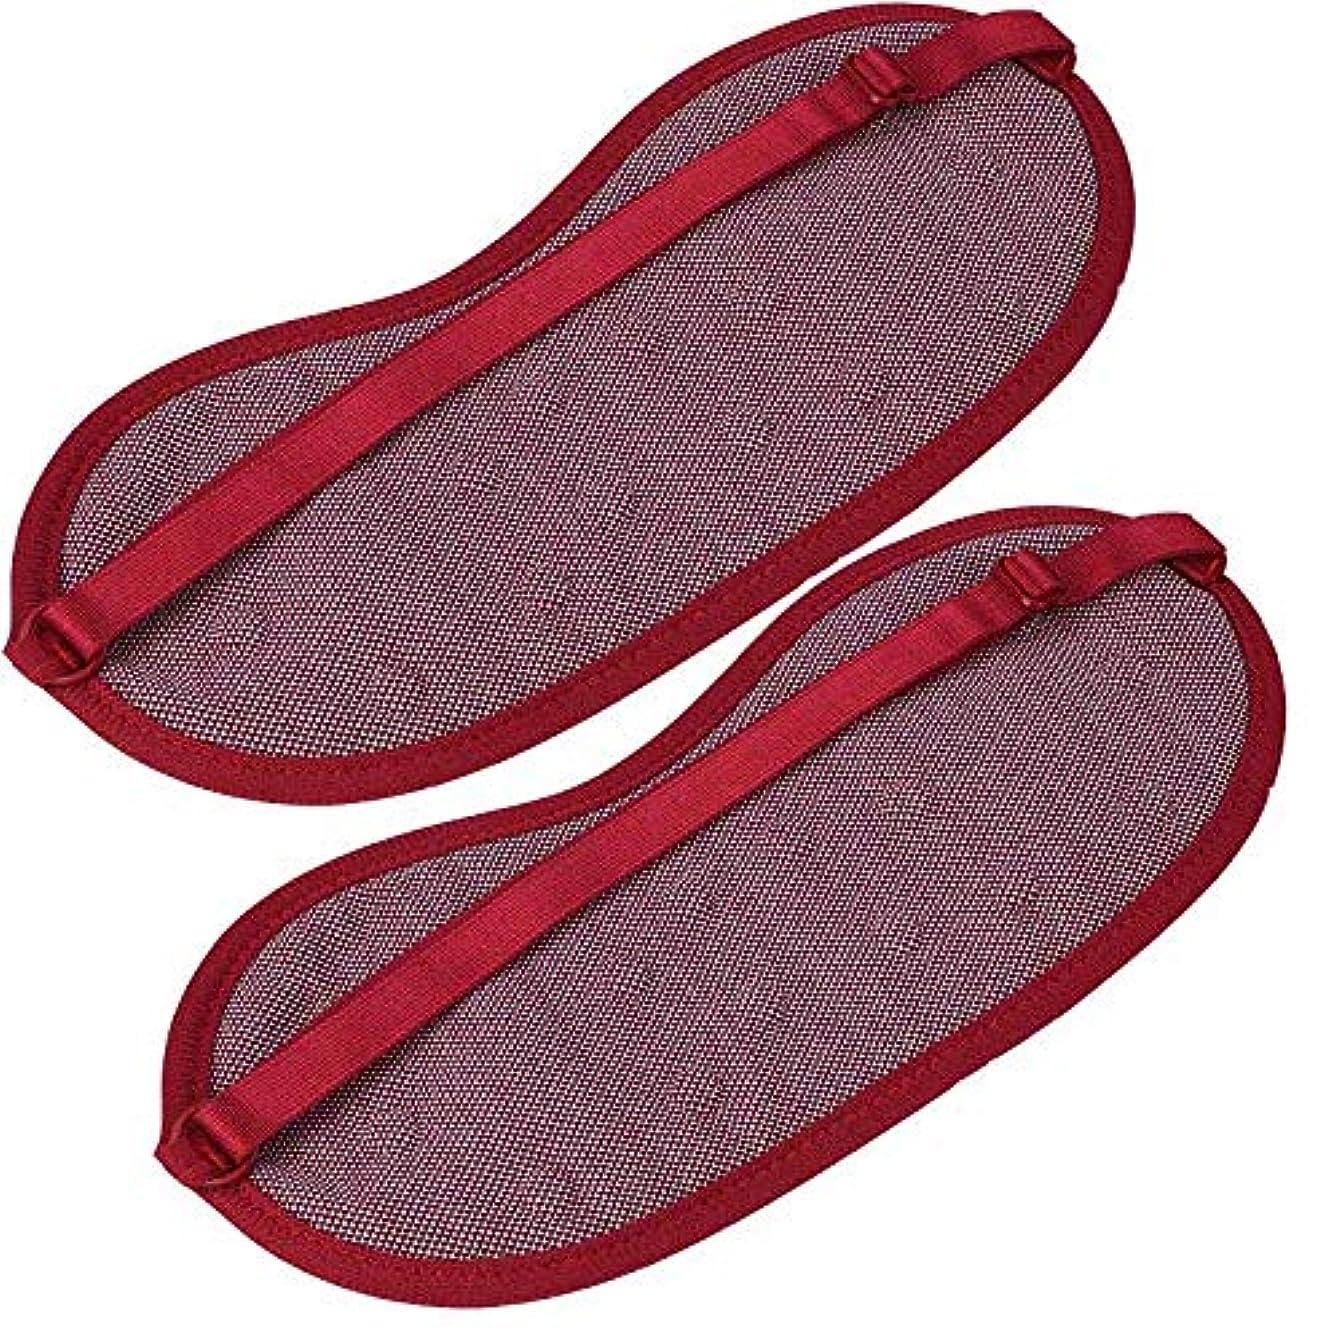 予定修復受付NOTE 2ピースソフトシルクアイパッチスムースマスクカバー遠赤外線マッサージ療法睡眠マスクシェード旅行残りアイシェード睡眠包帯